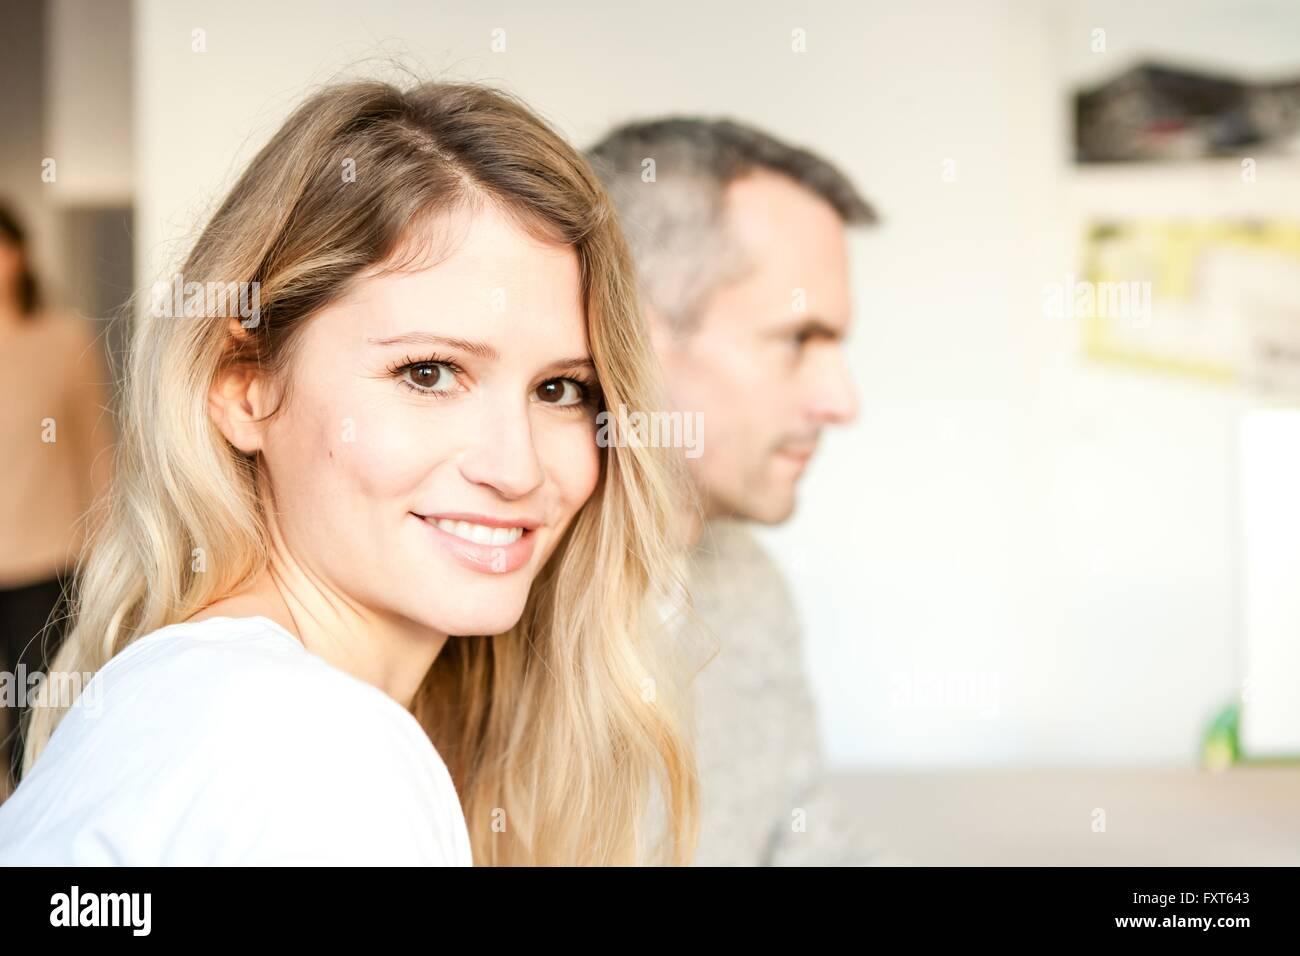 Porträt des jungen braunen Augen Frau Kamera Lächeln betrachten Stockbild